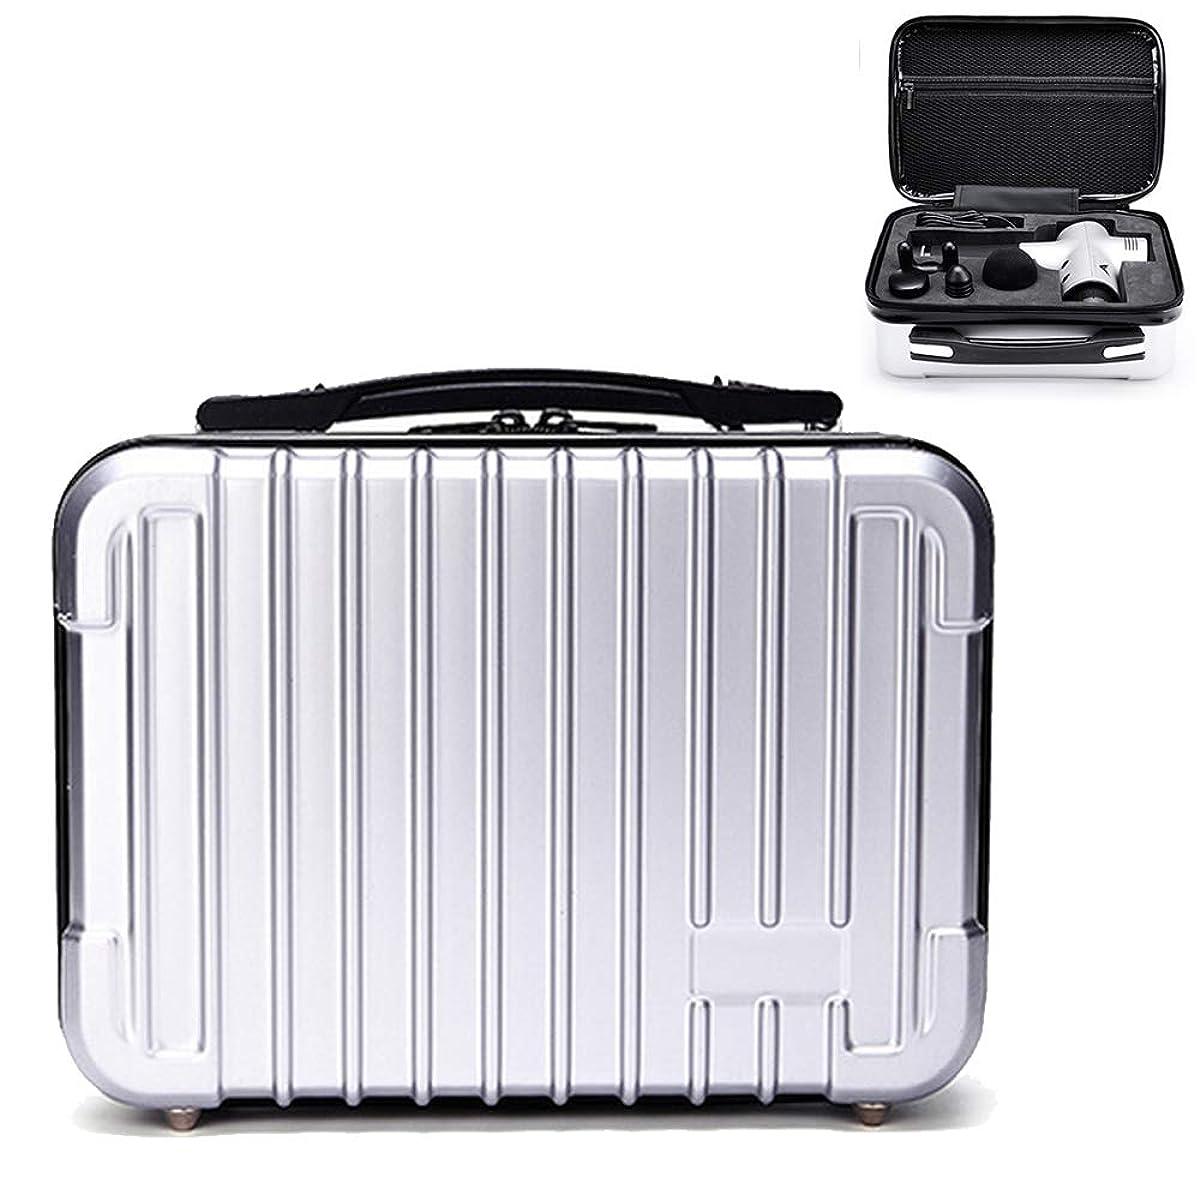 織機ぐるぐる忘れるHonbobo HYPERICE HYPERVOLT ハイパーボルト対応ケース 収納ボックス スーツケース (シルバー)